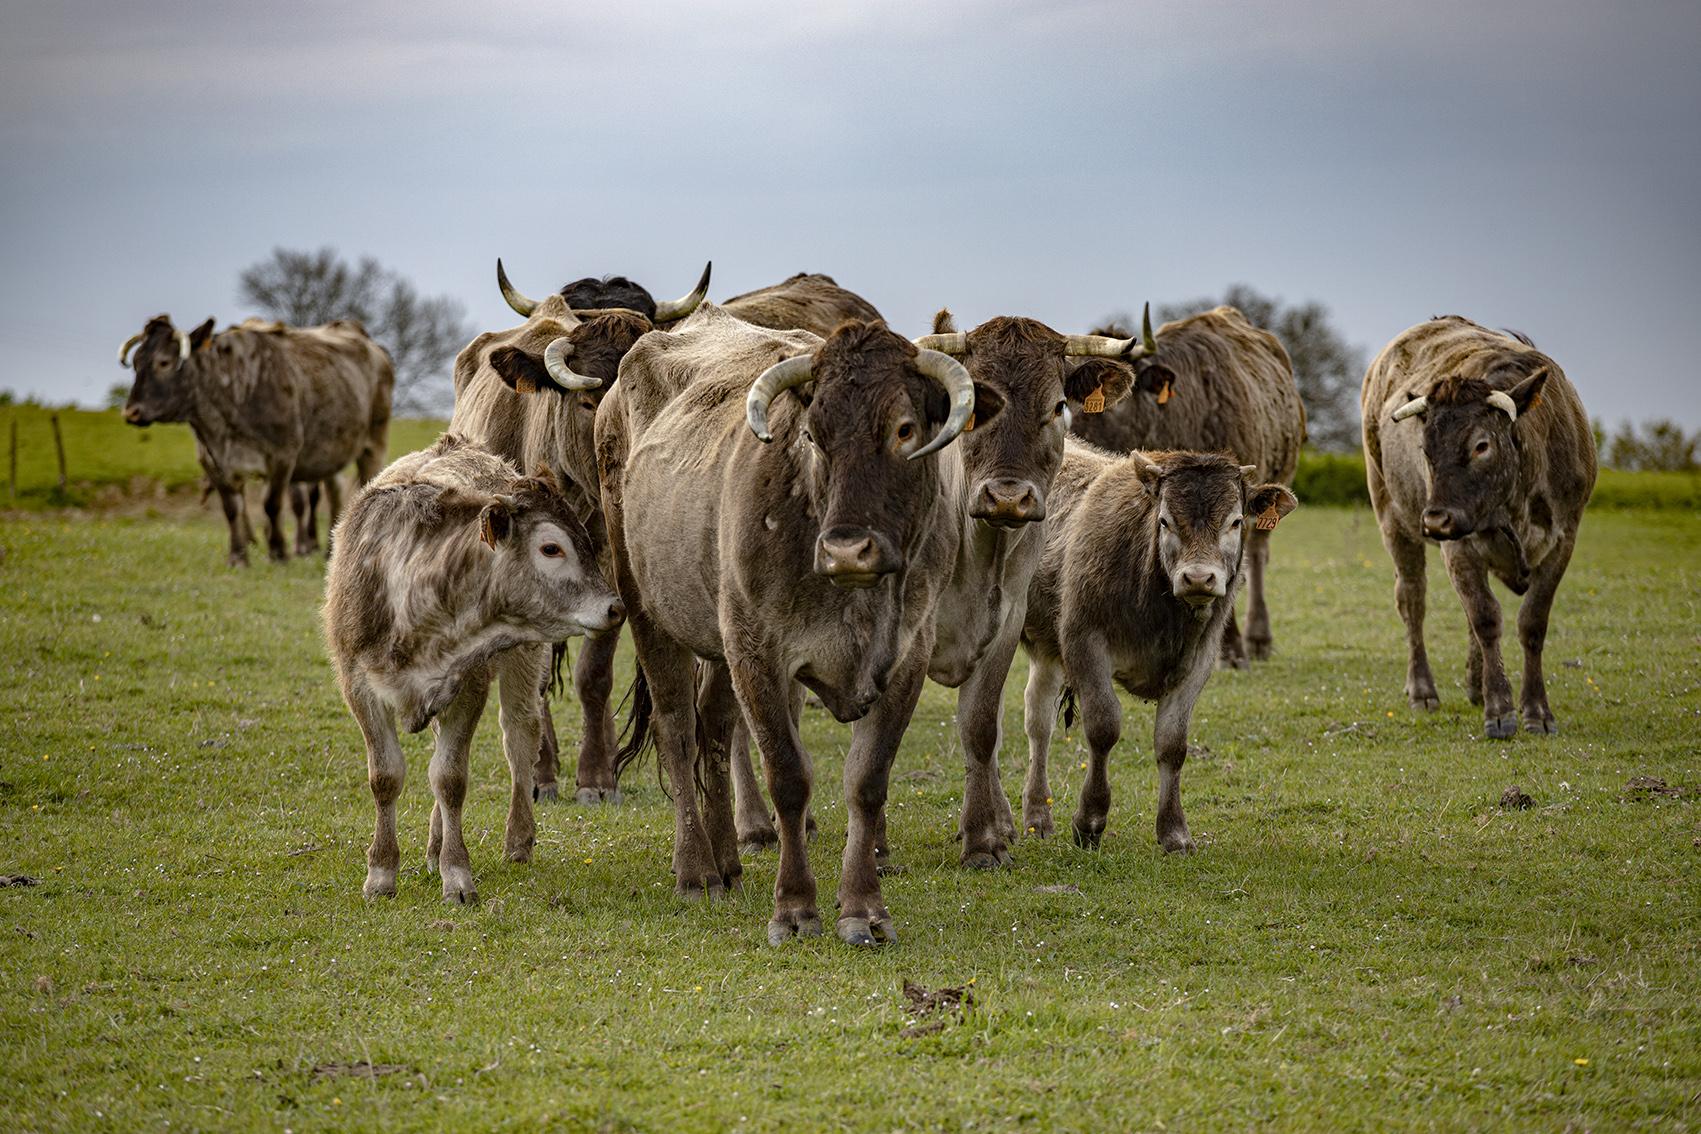 photographe animalier en Gironde et ailleurs